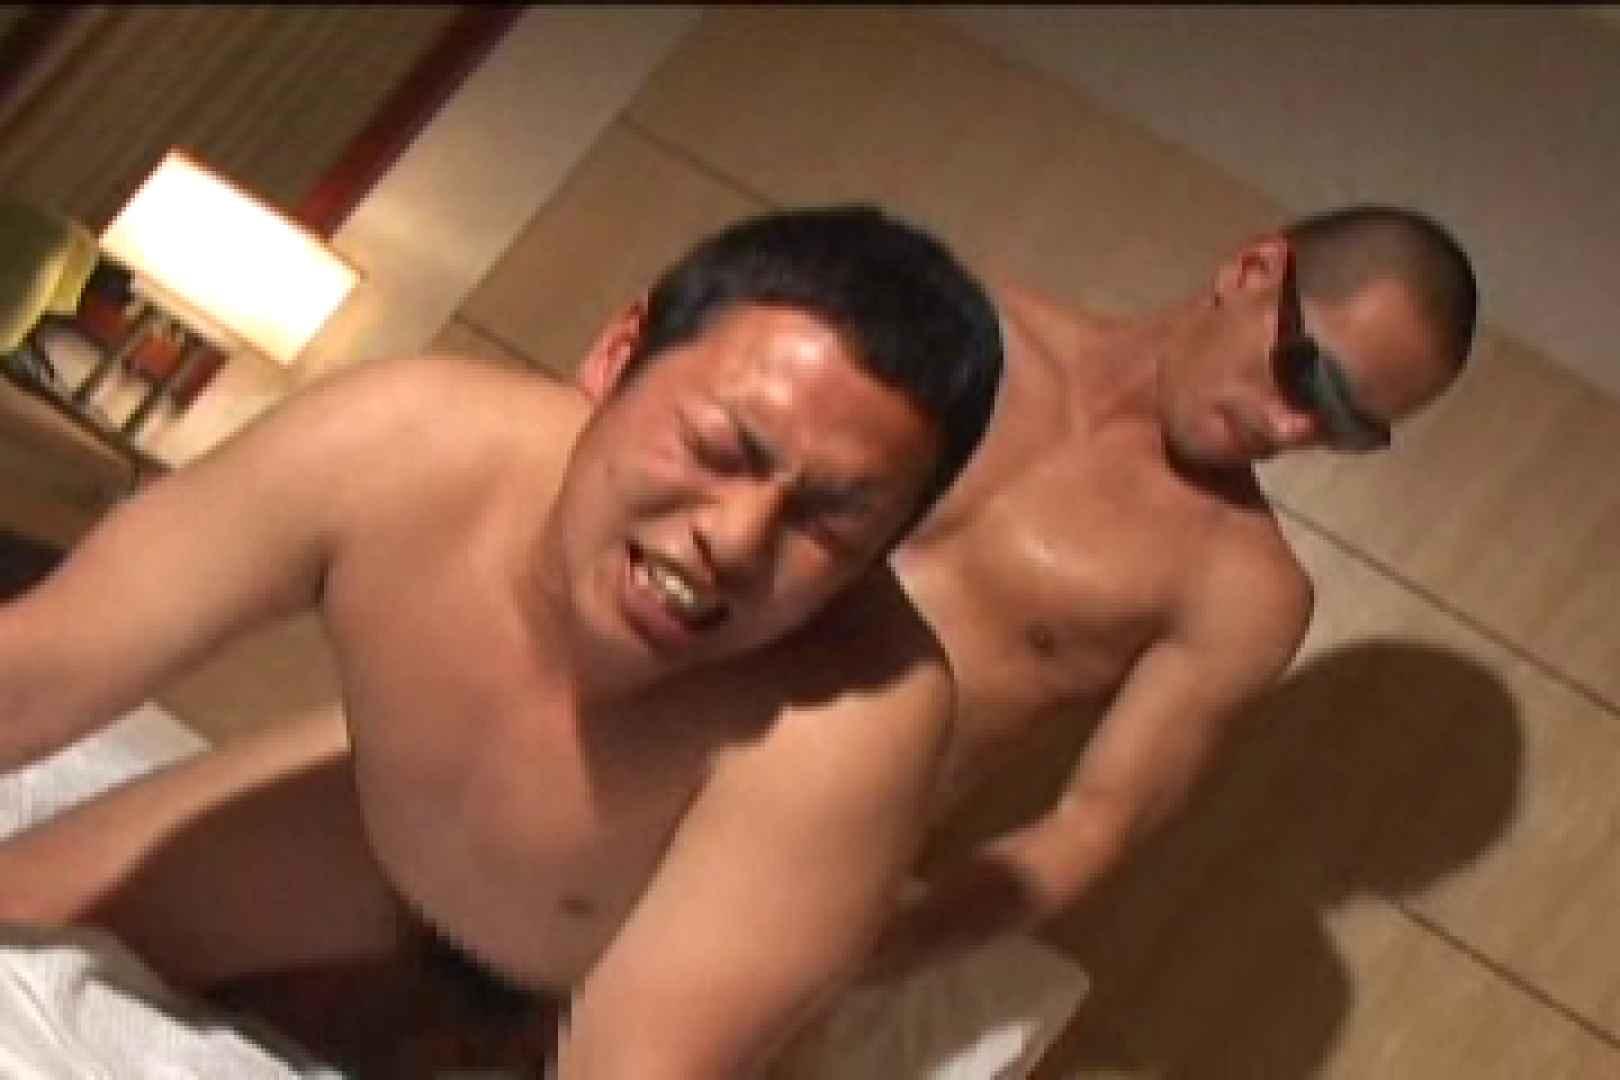 スポMENファック!!反り勃つ男根!!vol.6 イケメン・パラダイス ゲイ射精画像 109画像 91